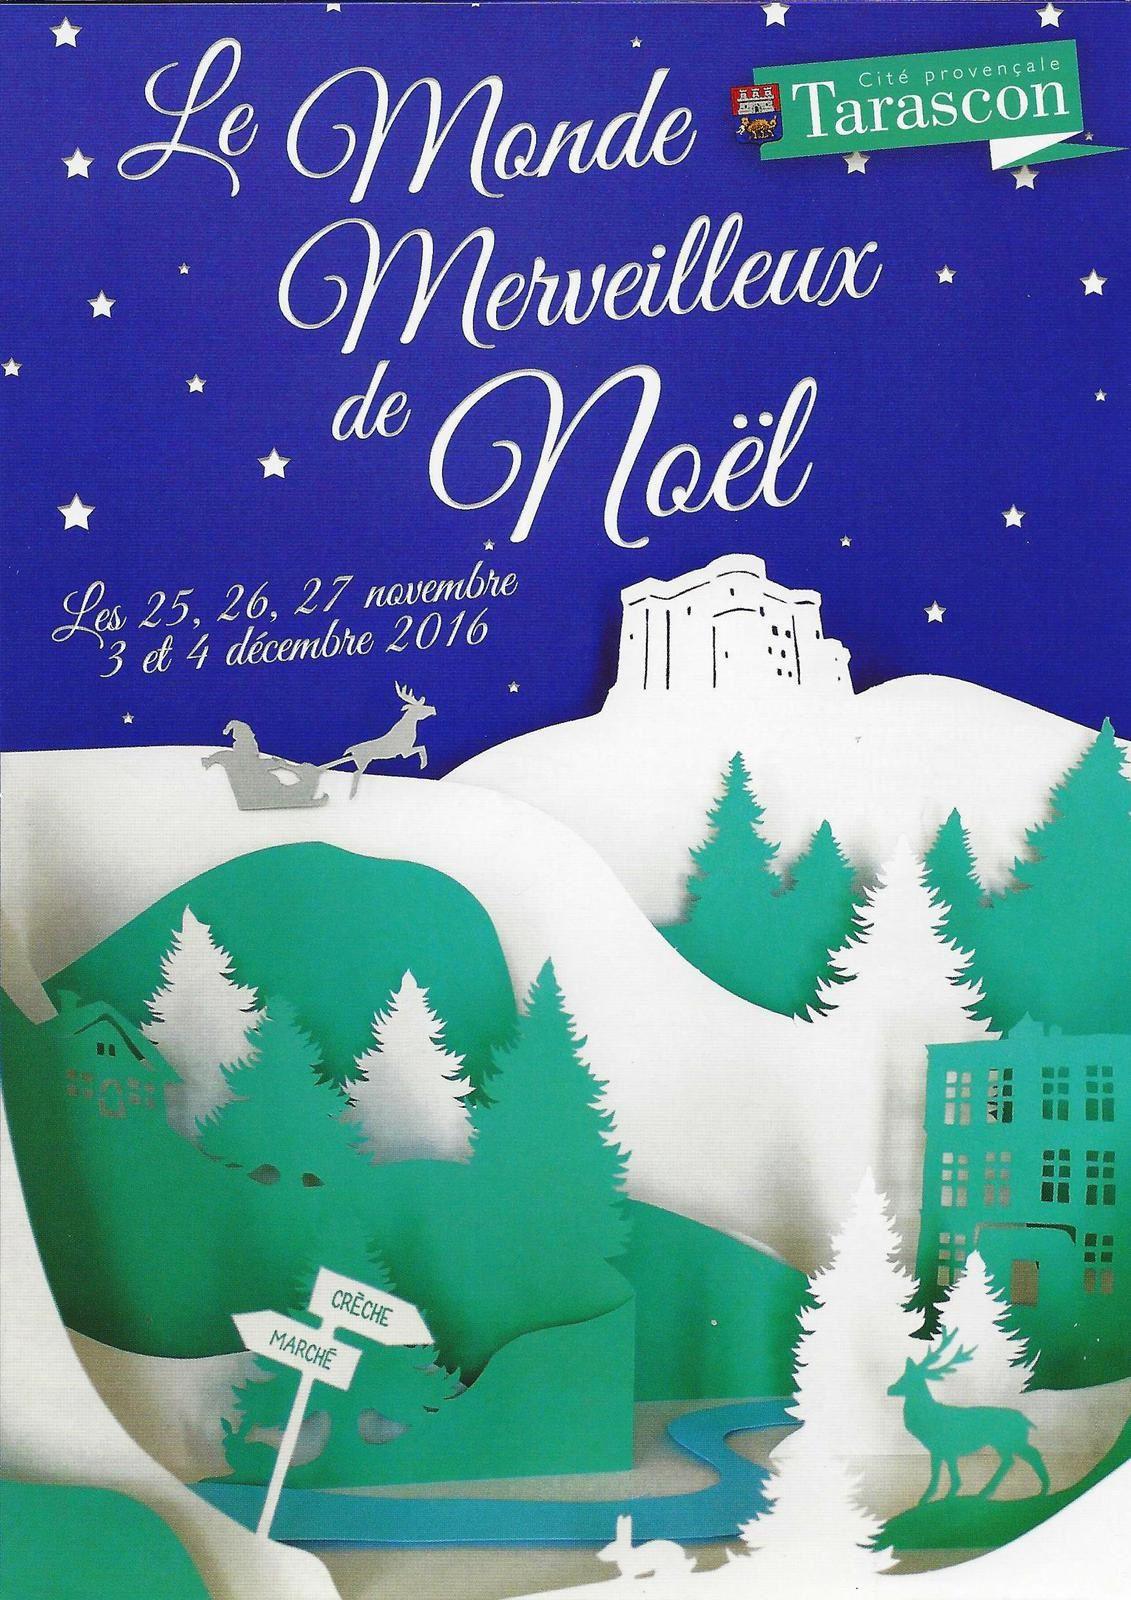 Le Monde merveilleux de Noël à Tarascon